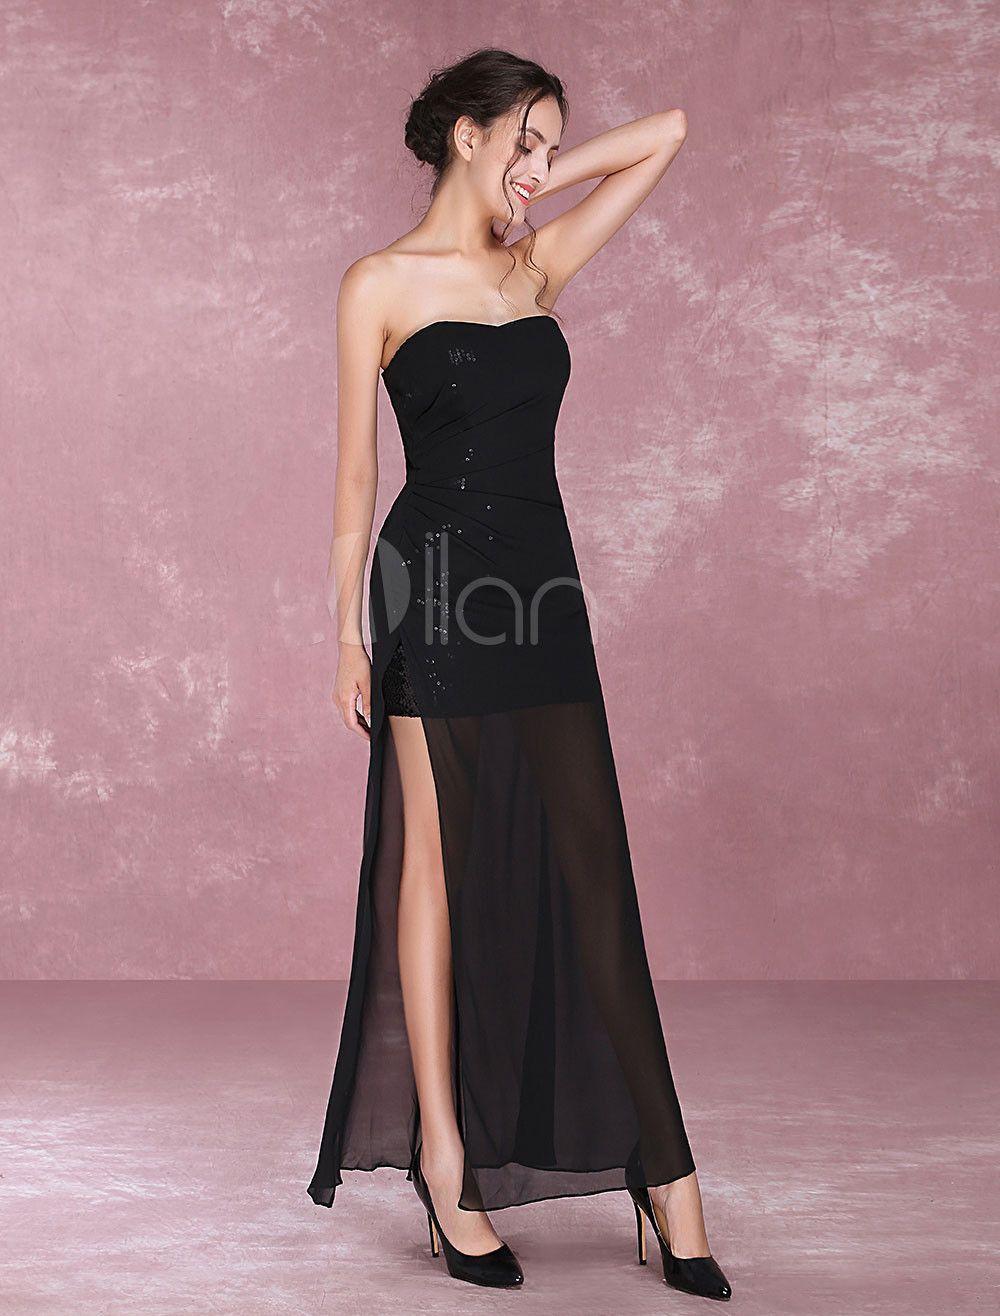 저렴한 댄스 파티 드레스 높은 슬릿 드레스 섹시한 검은 색 장식 조각 이브닝 드레스 긴 섹시한 쉬폰 이브닝 드레스 파티 드레스 도매